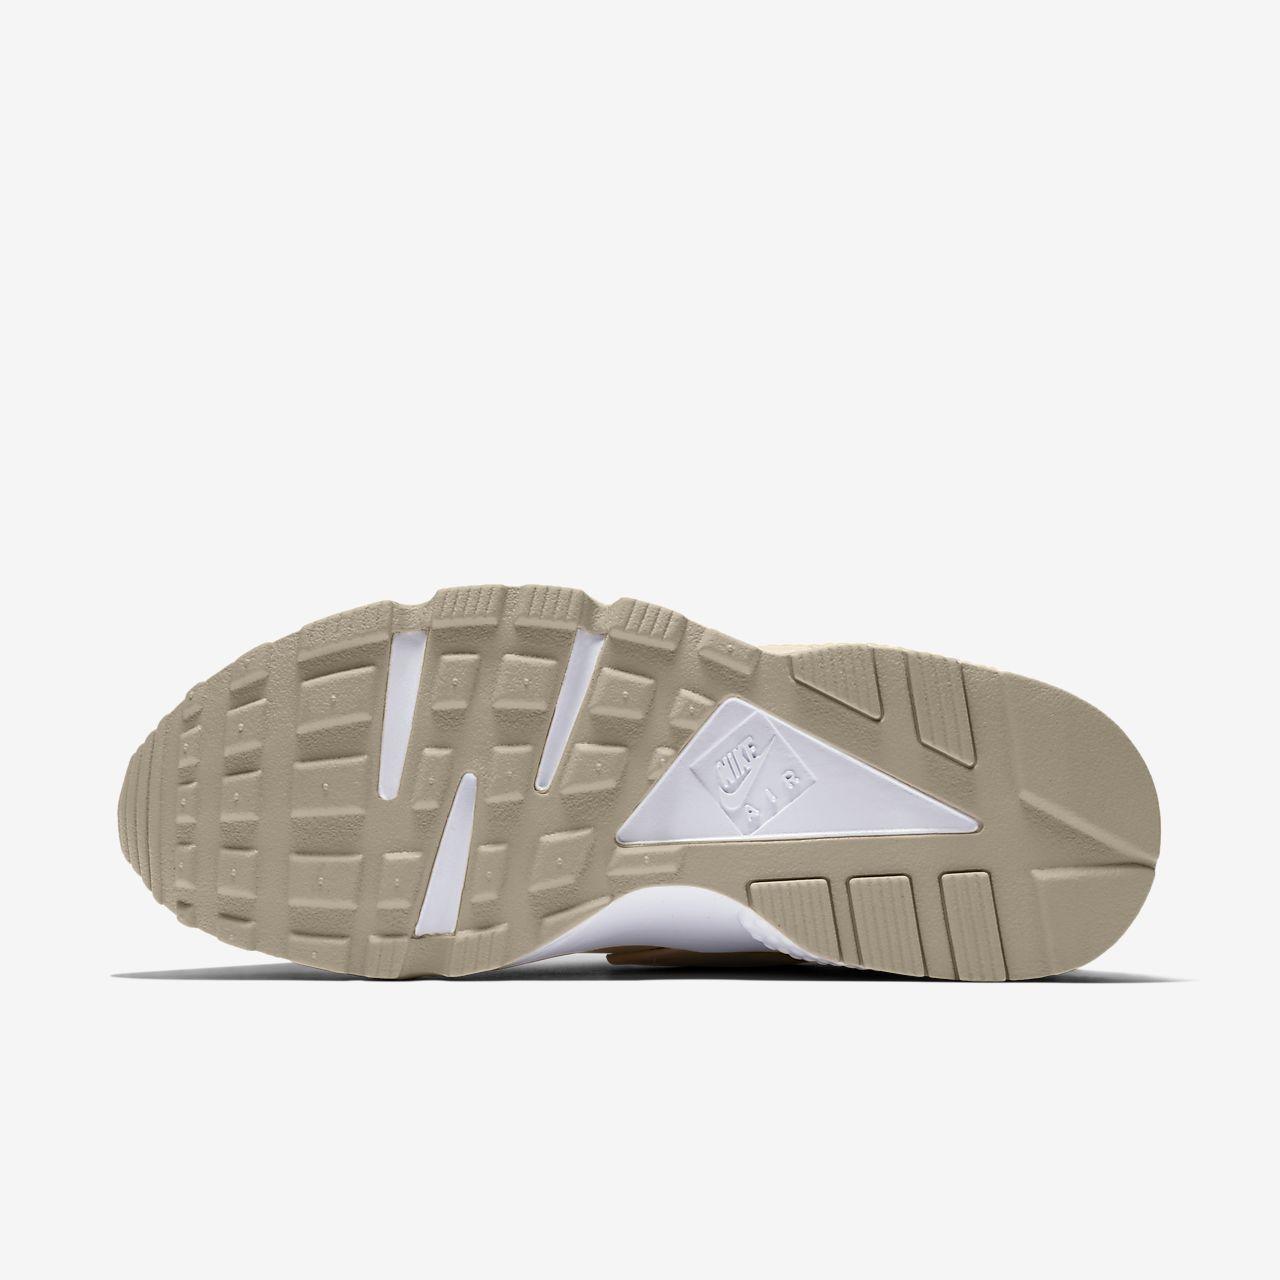 3b6da9c7ec7 Nike Air Huarache Women s Shoe. Nike.com LU